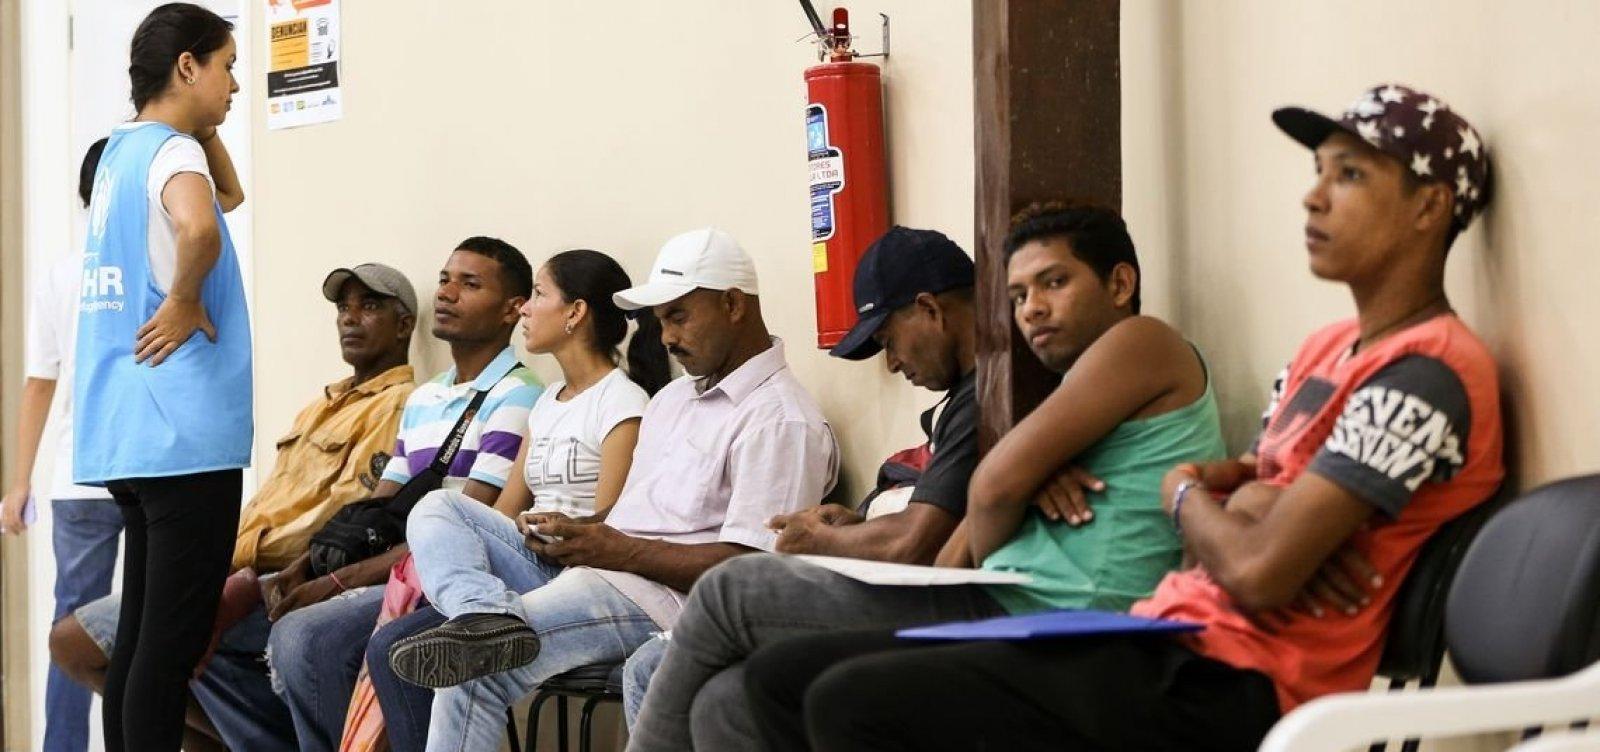 [Mais de 30% dos refugiados no Brasil têm ensino superior, aponta pesquisa da ONU]